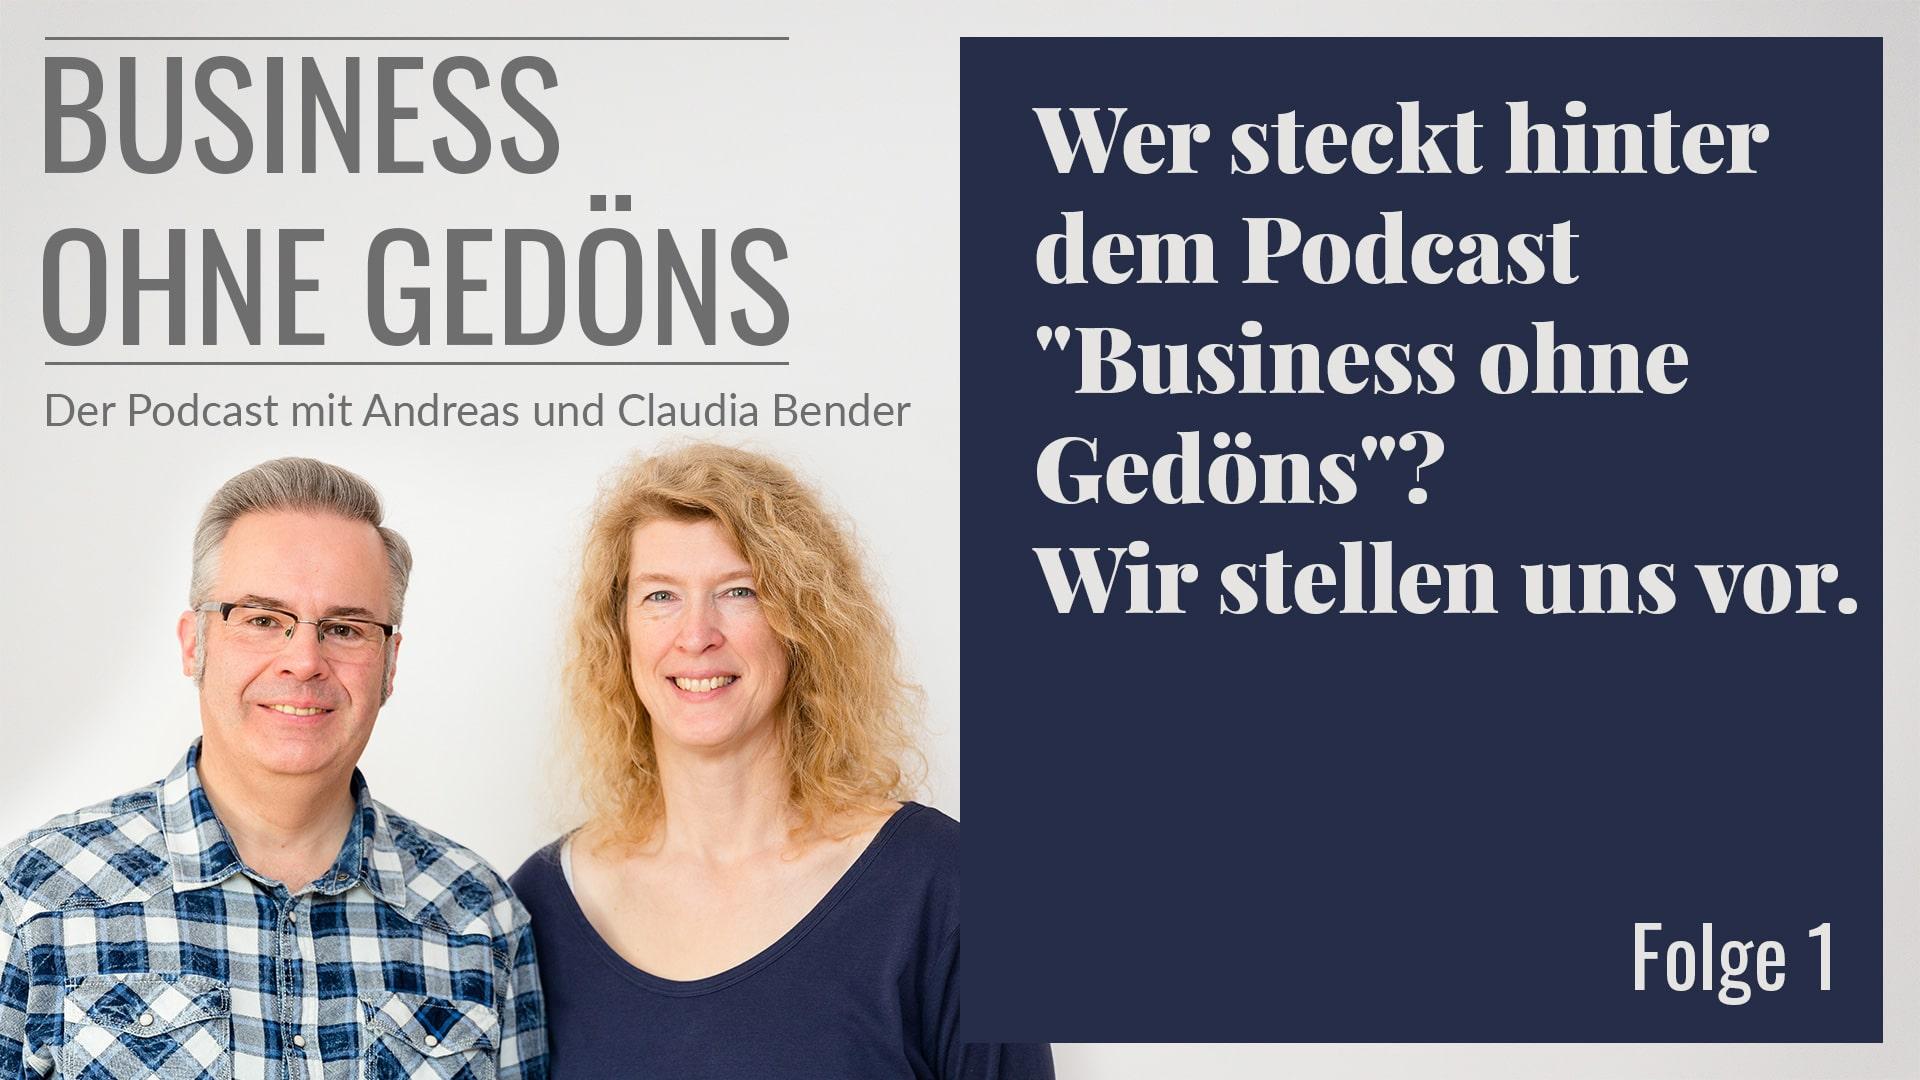 """BOG 001 – Wer steckt hinter dem Podcast """"Business ohne Gedöns""""? Wir stellen uns vor."""